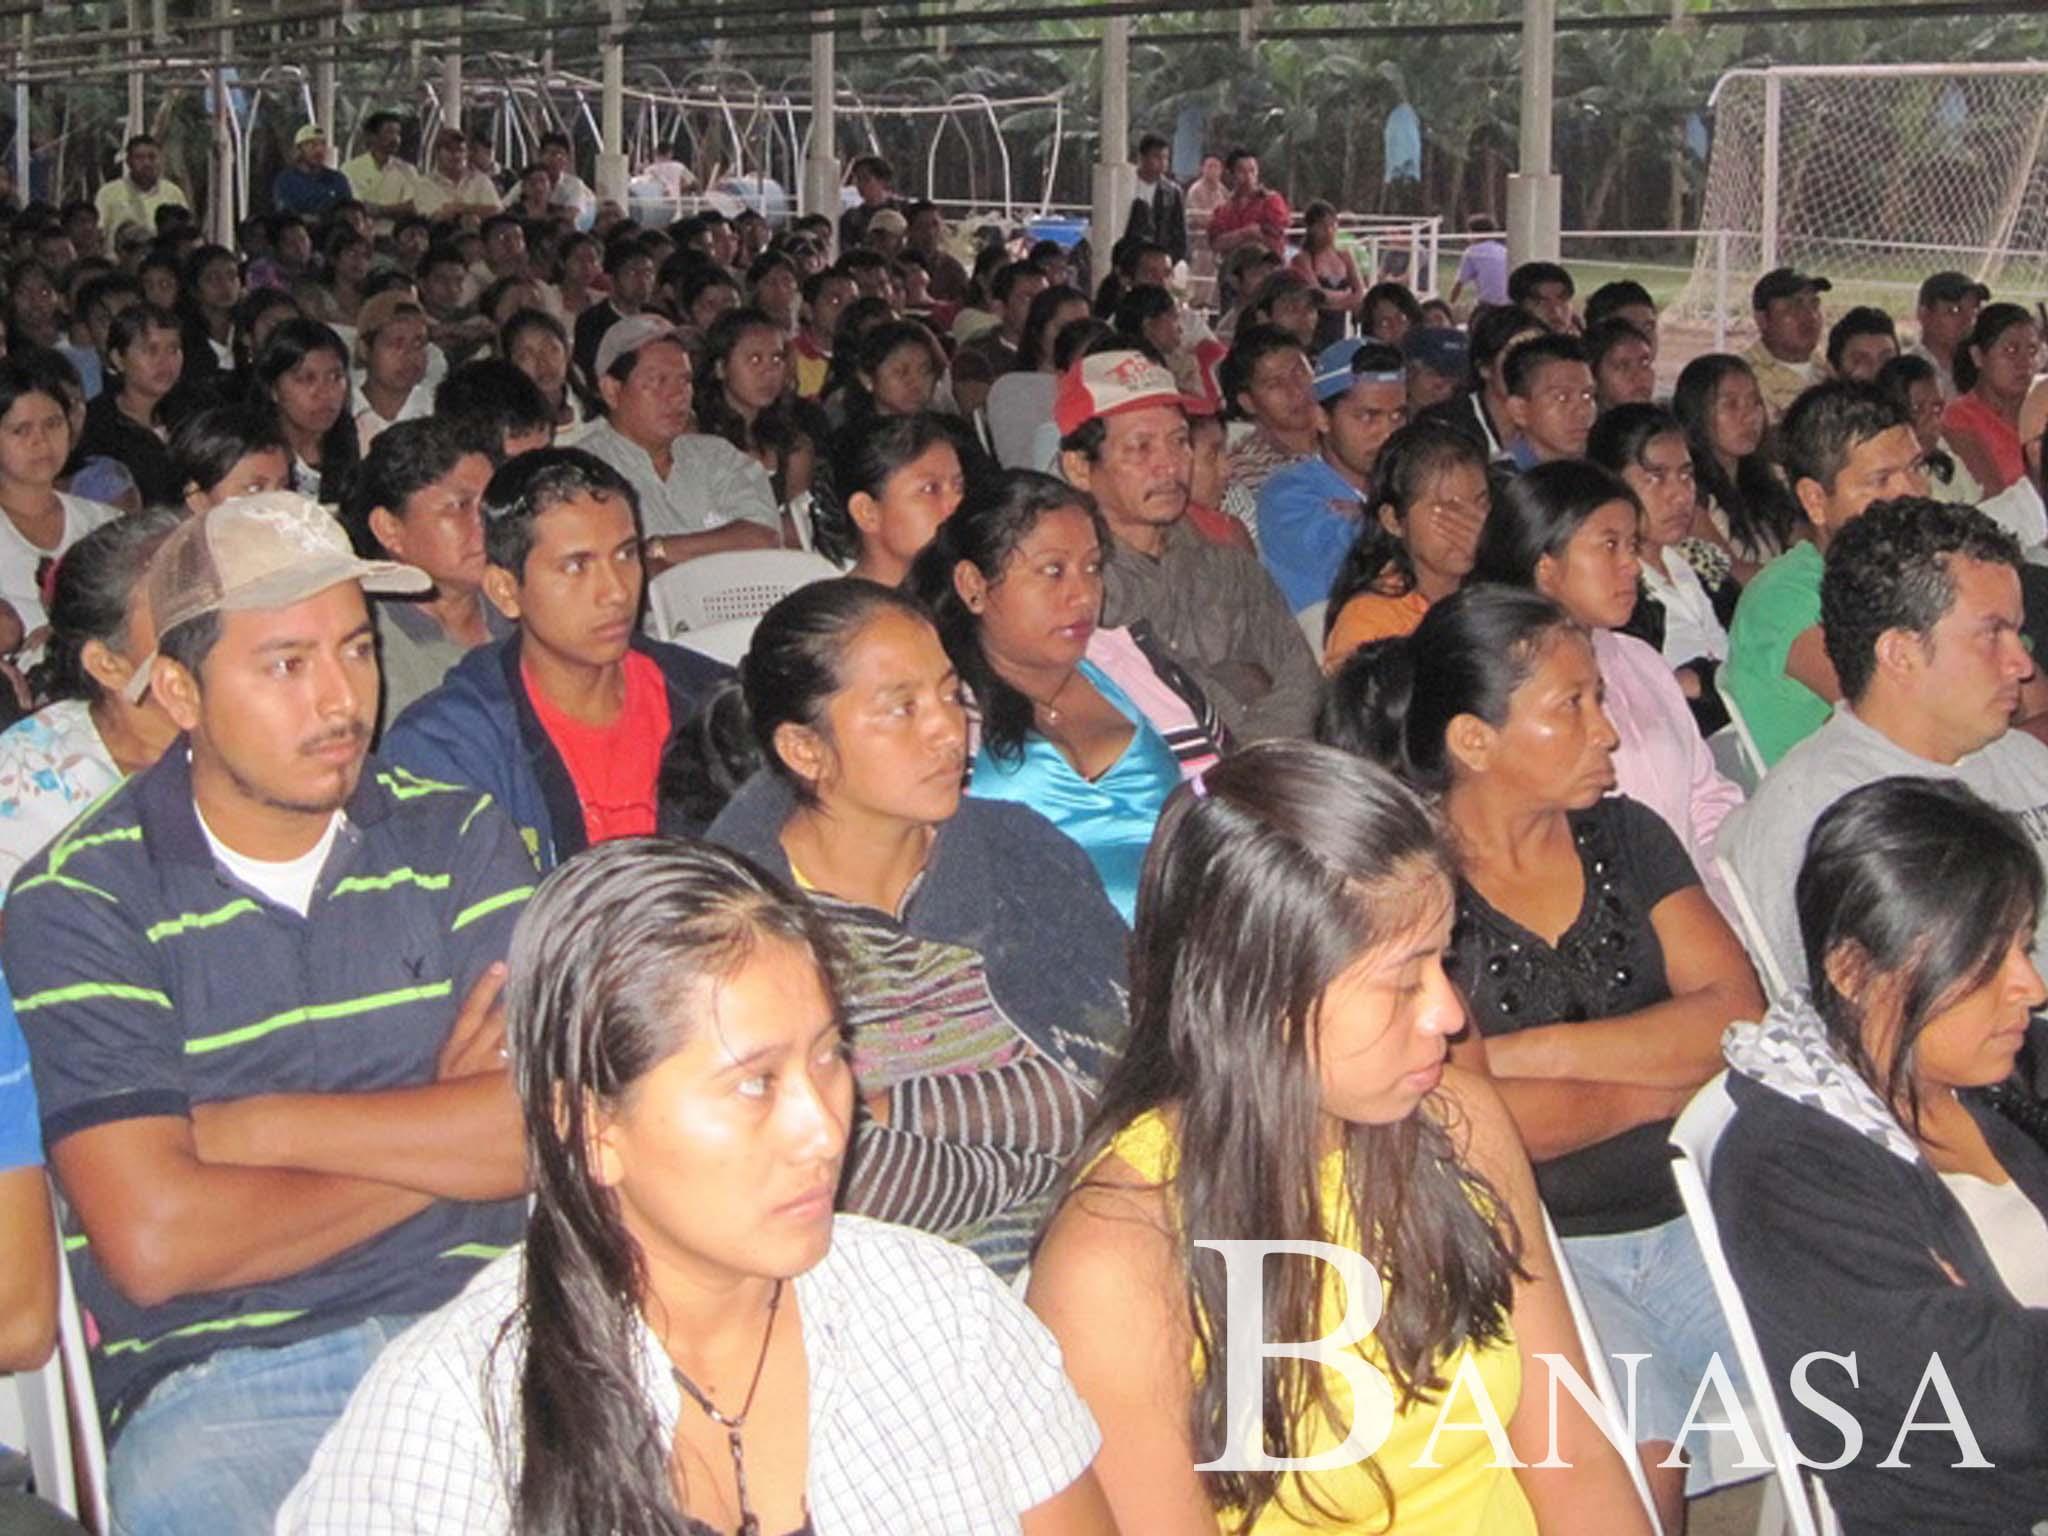 BANASA CAPACITÓ A 3,000 TRABAJADORES Y LÍDERES COMUNITARIOS EN PREVENCIÓN DEL SIDA CON ENFOQUE EN VALORES